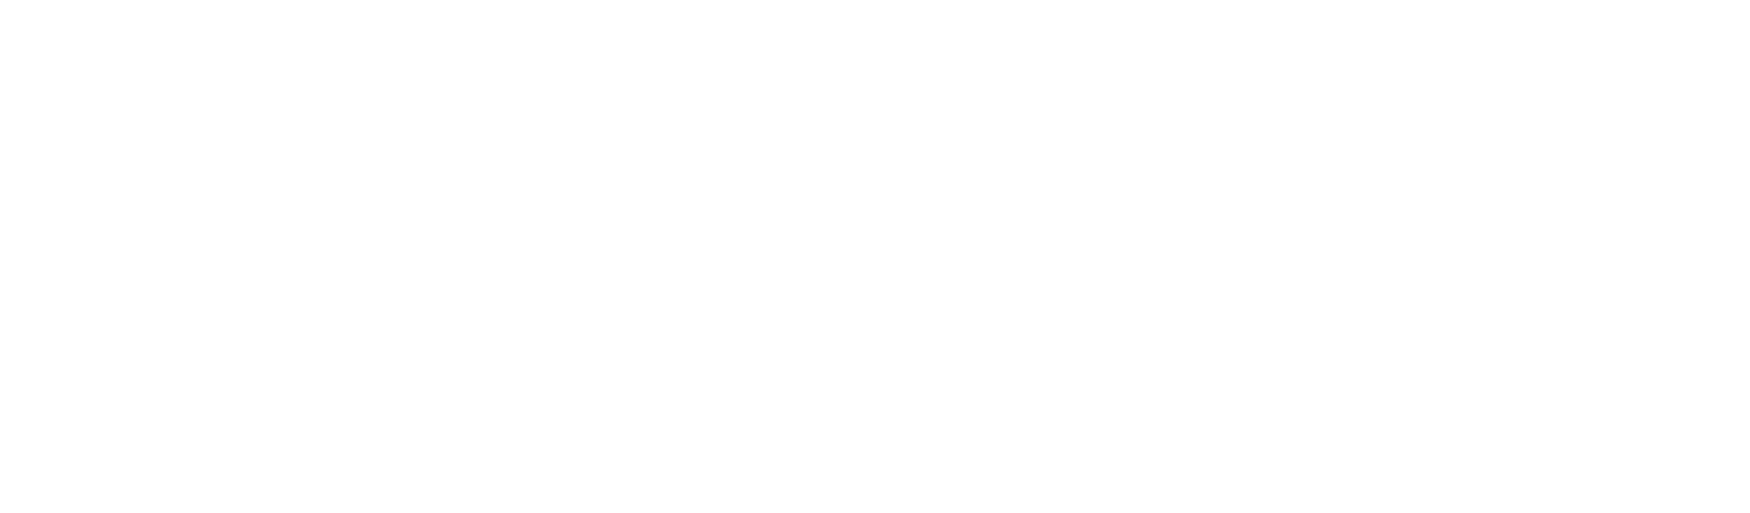 Kingsmen Resources